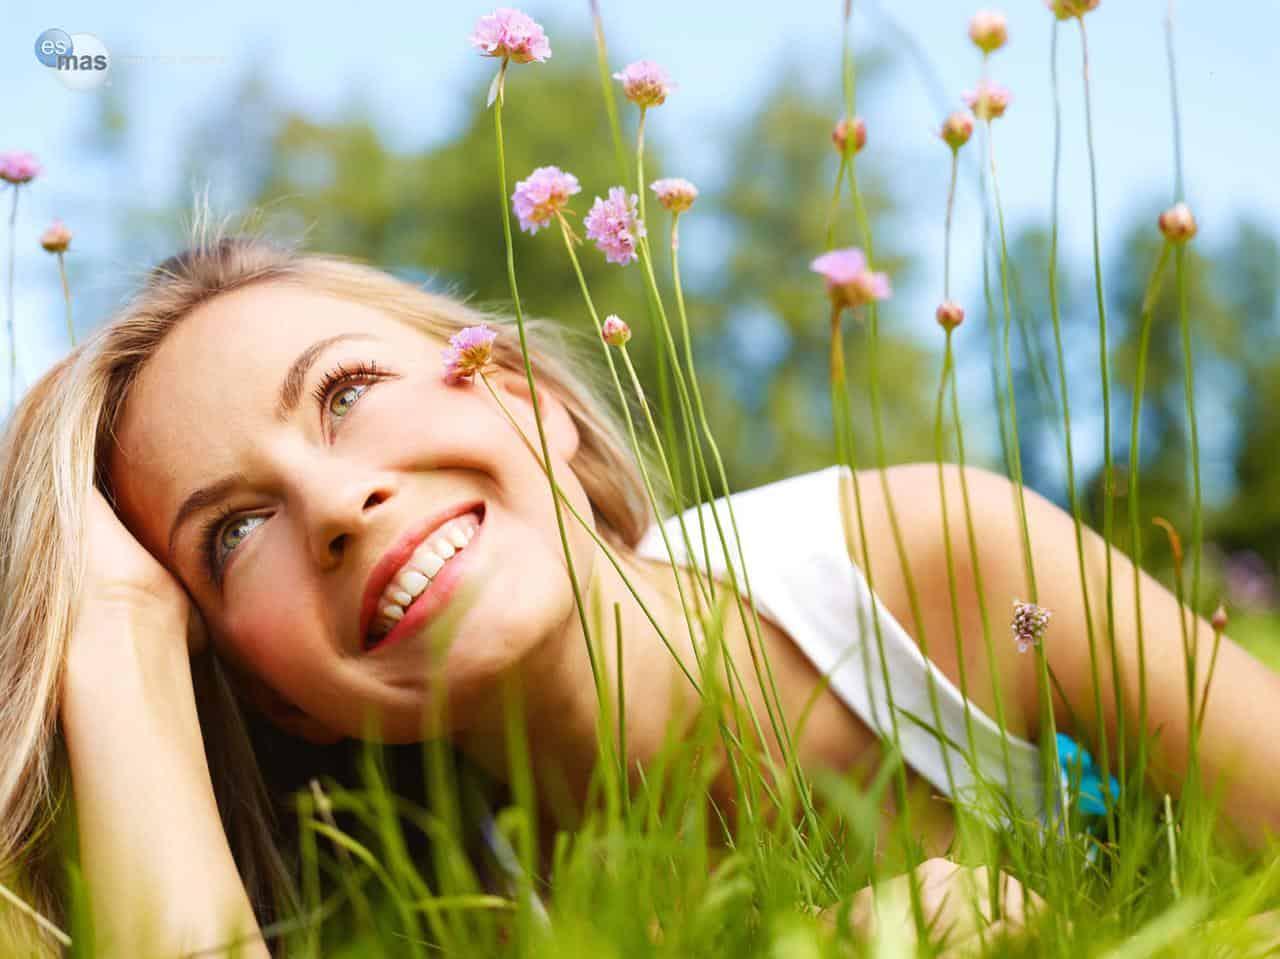 осанка влияет на красоту лица